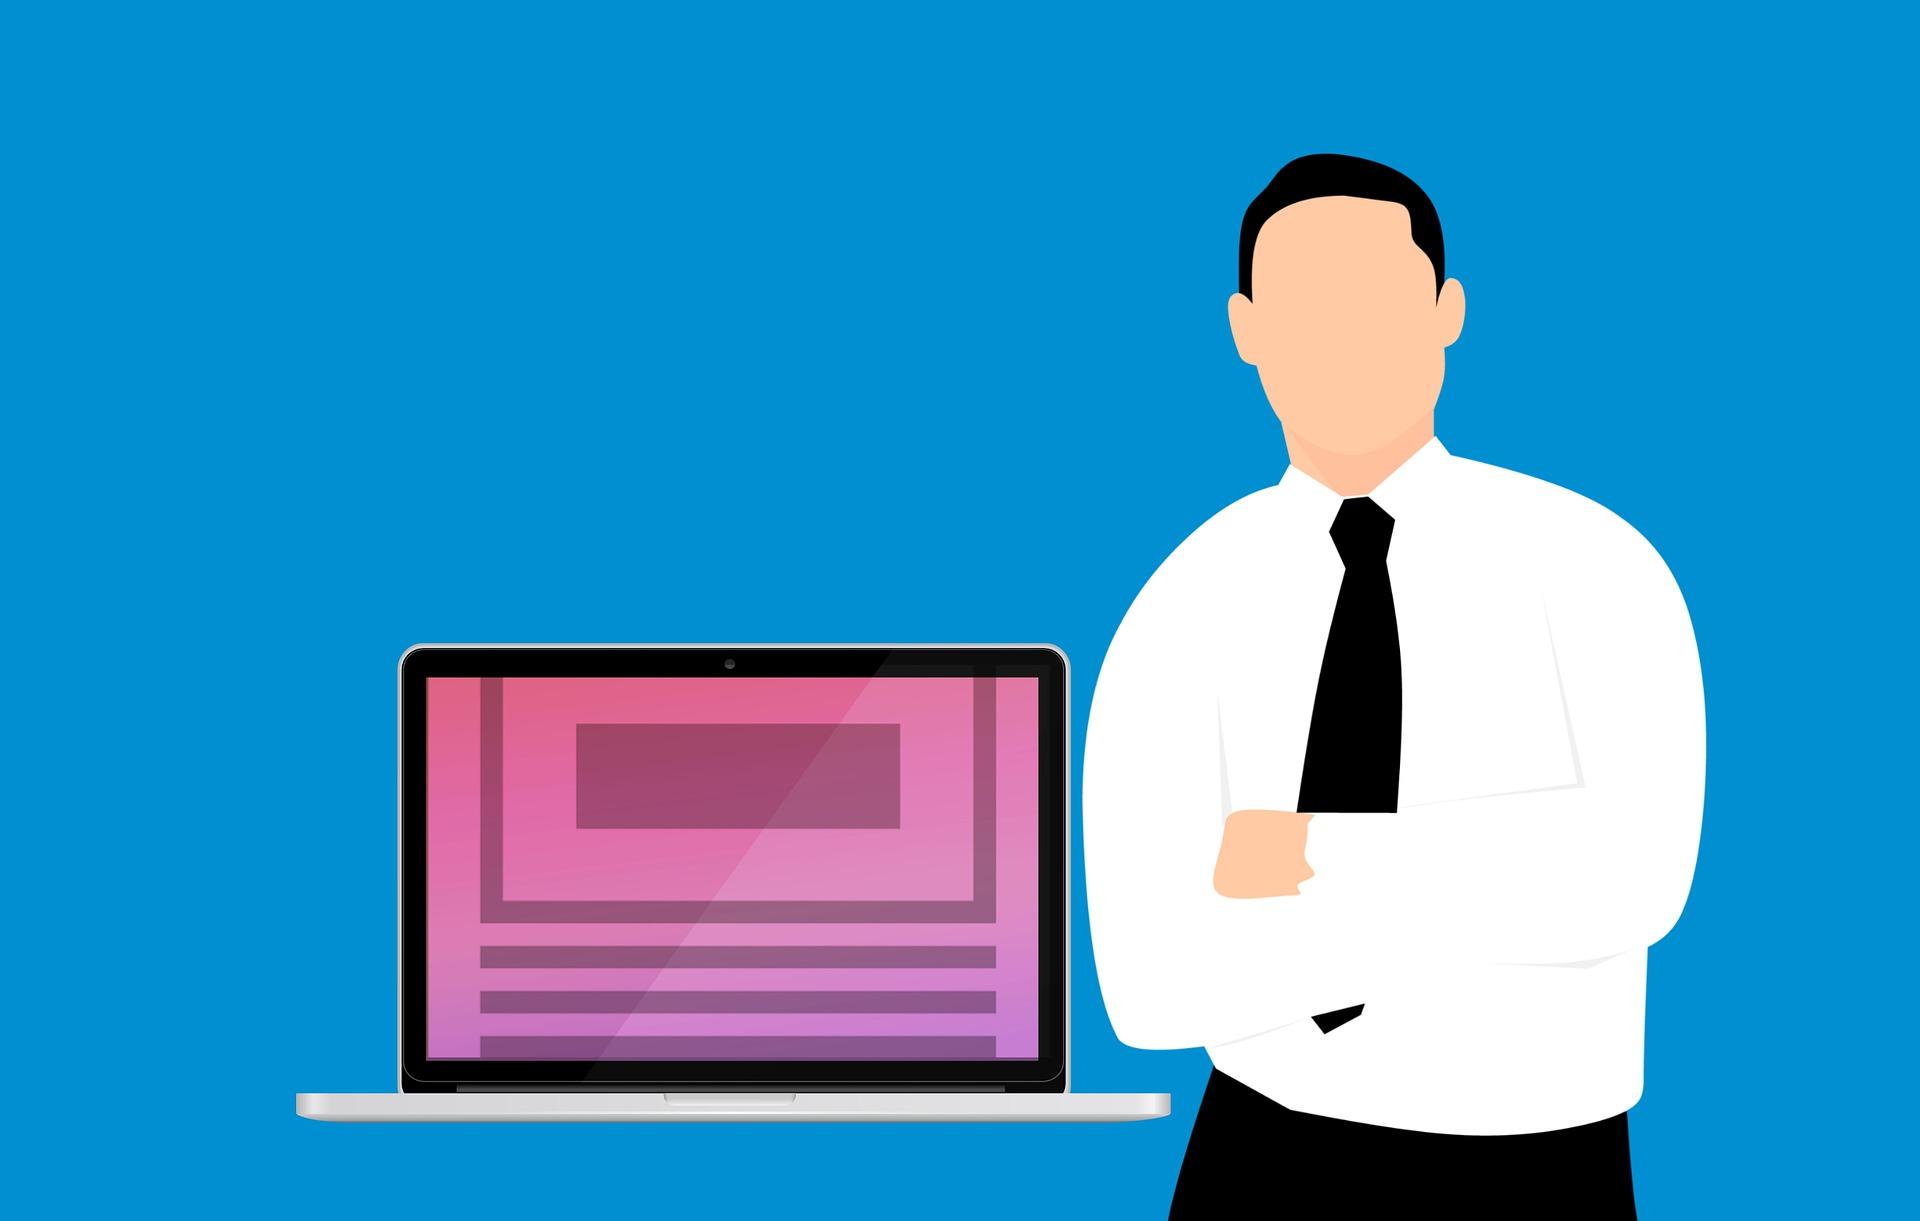 パソコンの横に男性が立っているイラスト